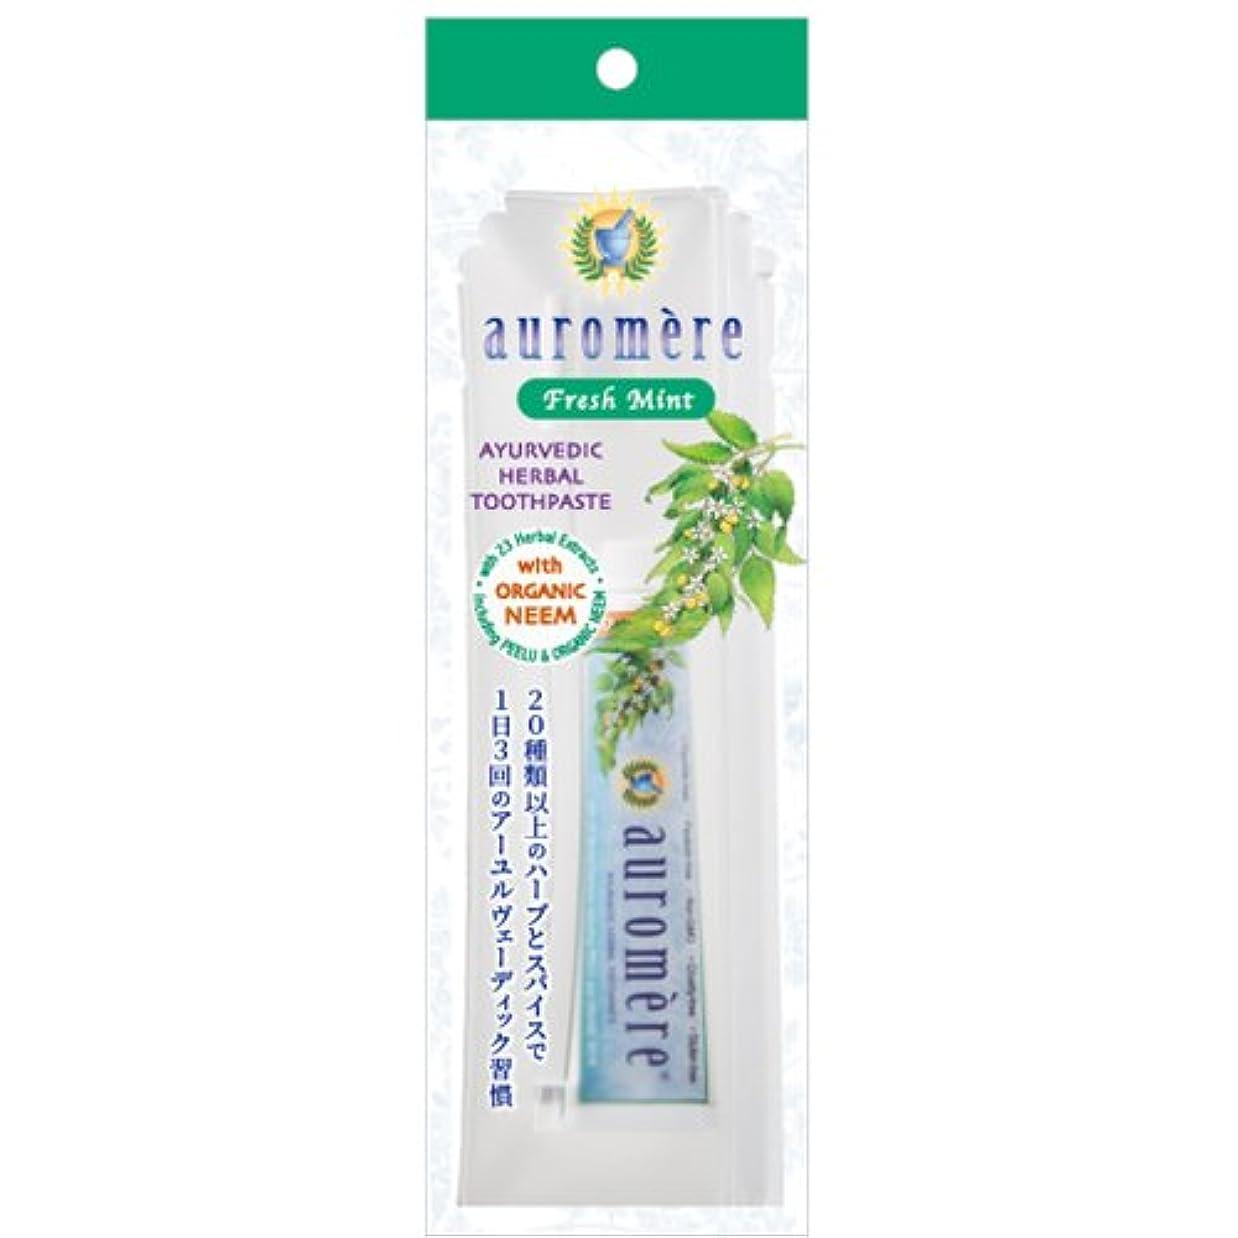 掃除いまトレイオーロメア 歯磨き粉 フレッシュミント トラベルセット (30g)